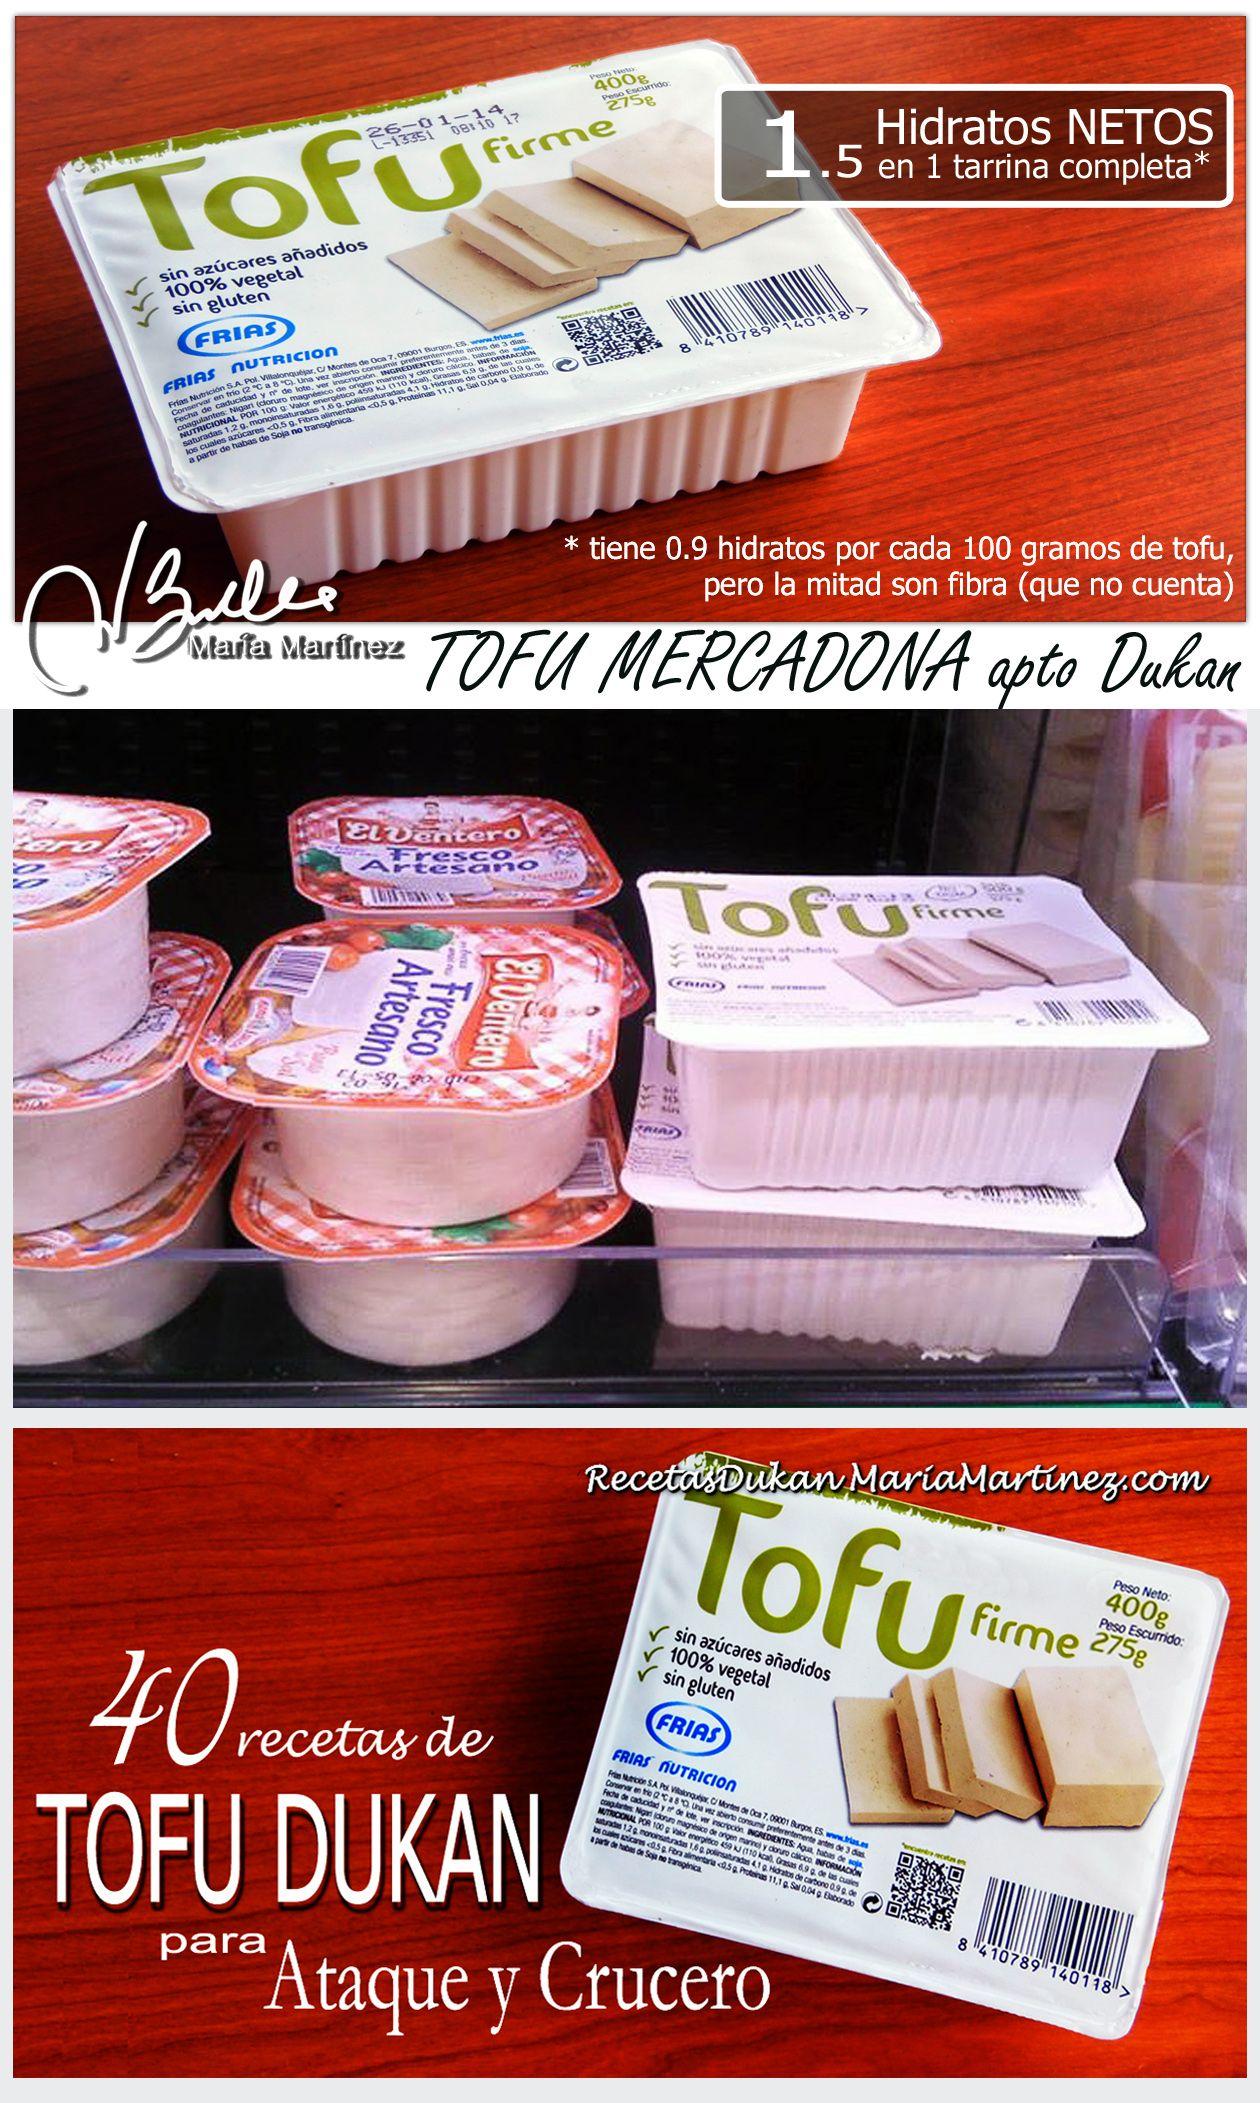 Es la dieta keto de tofu